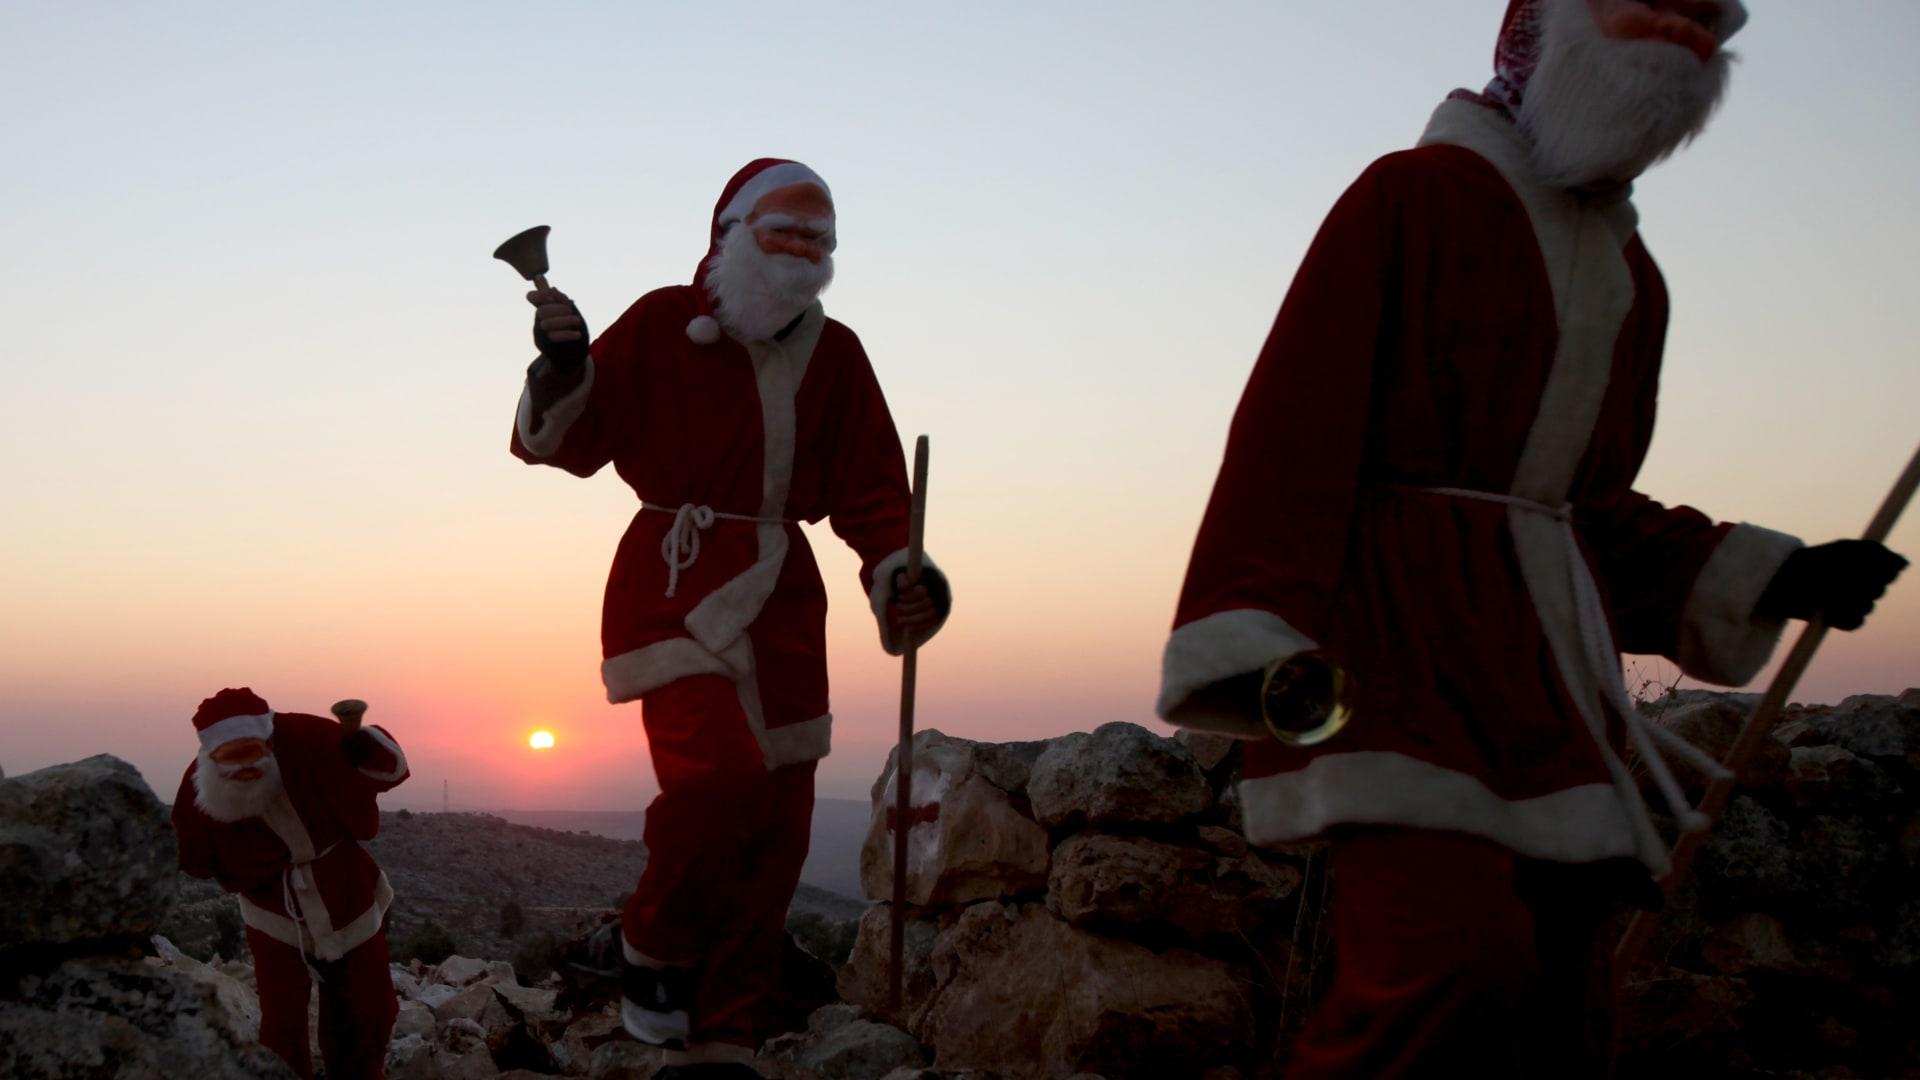 """صورة ارشيفية (تعبيرية) لأشخاص يرتدون زي """"بابا نويل"""" احتفالا بعيد الميلاد في قرى فلسطينية"""